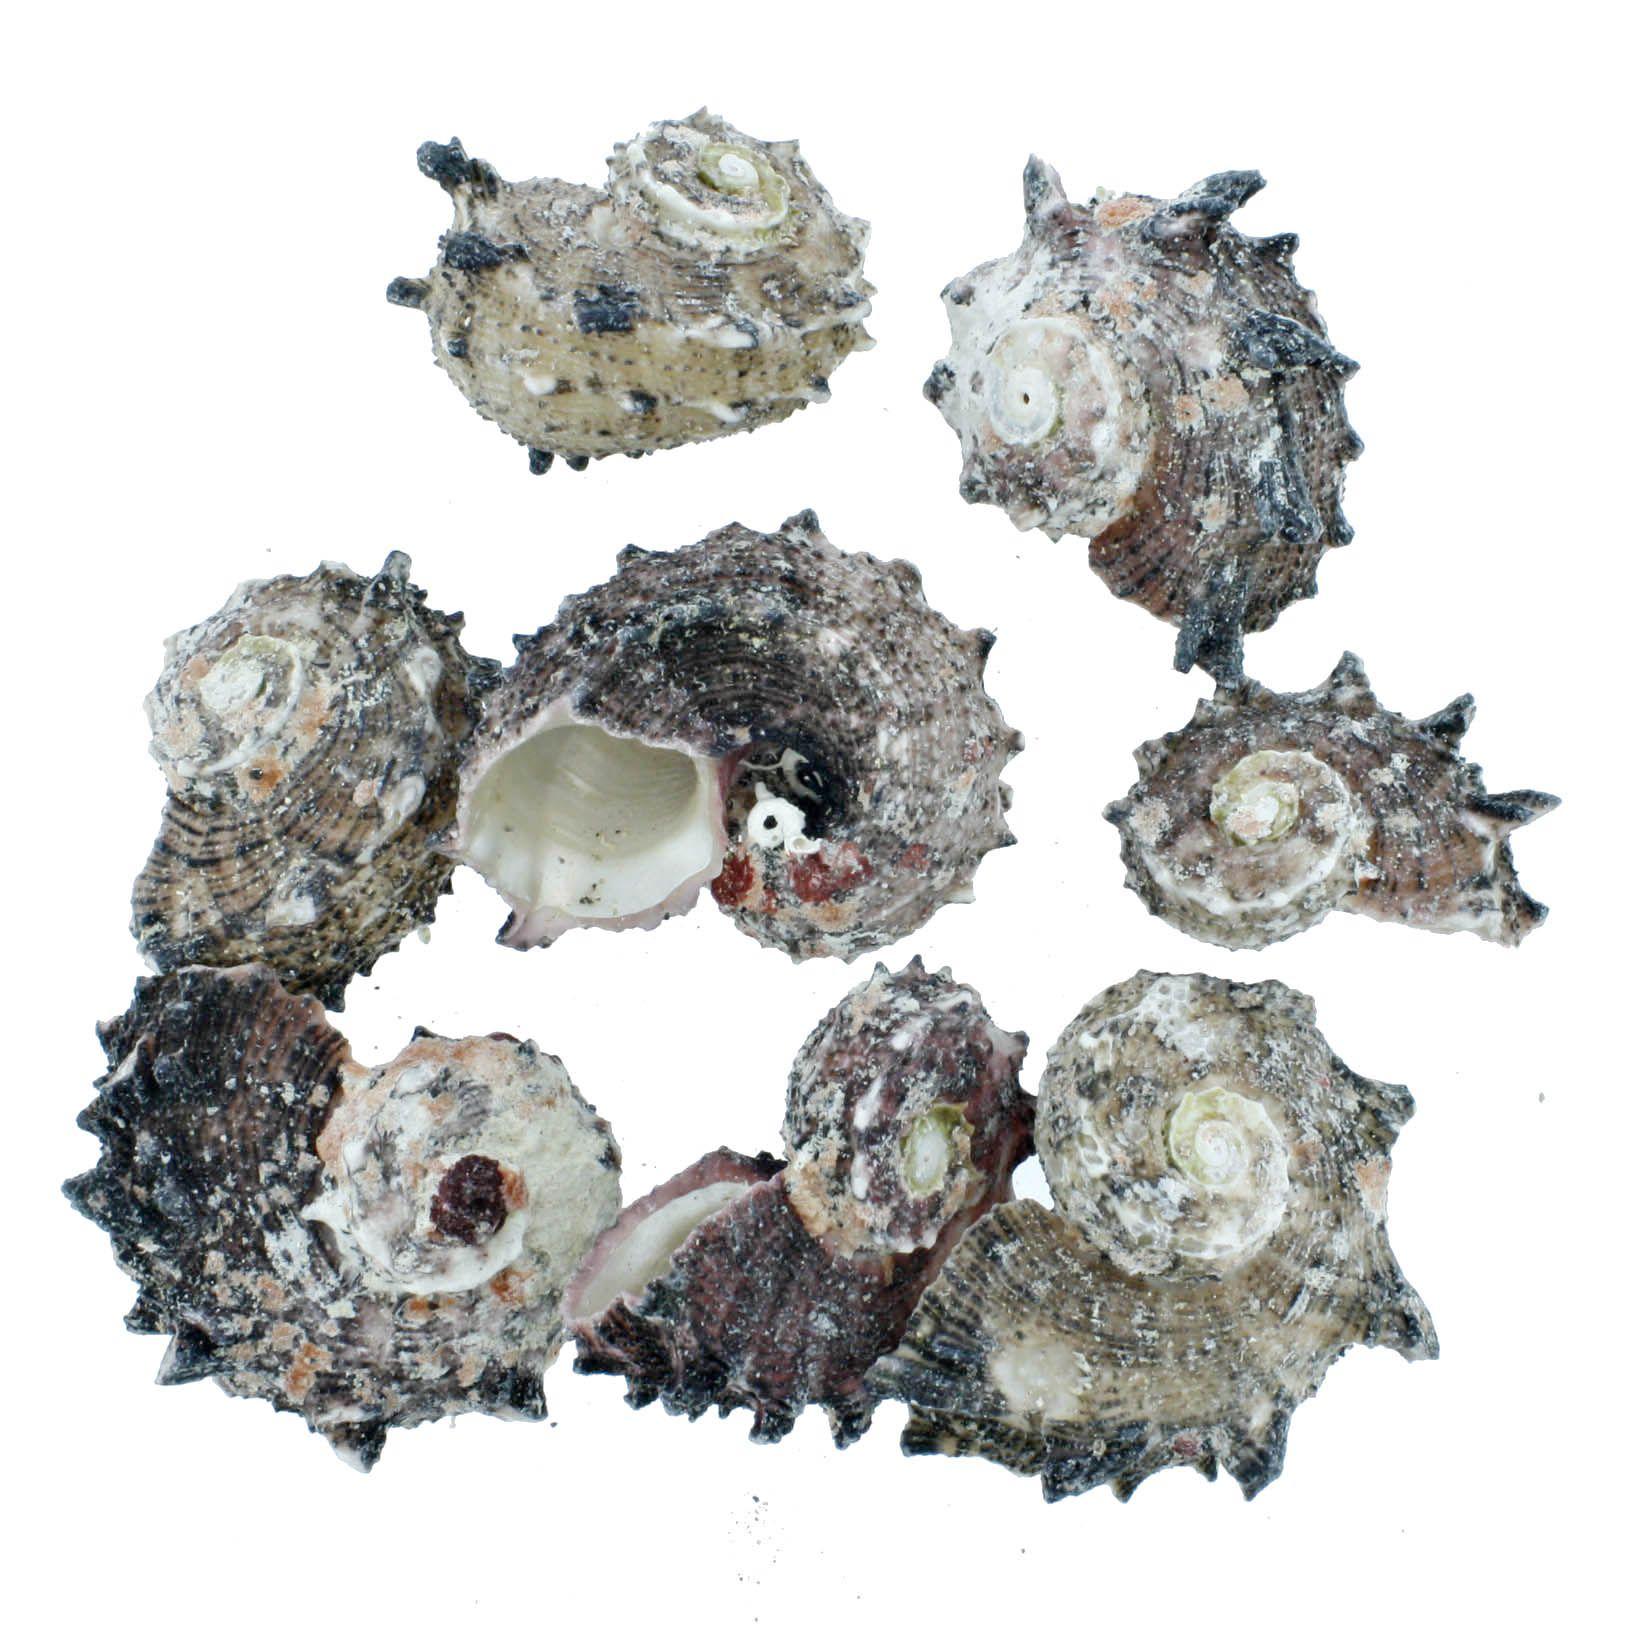 Concha - Angaria Shell (Delphinus)  - Universo Religioso® - Artigos de Umbanda e Candomblé